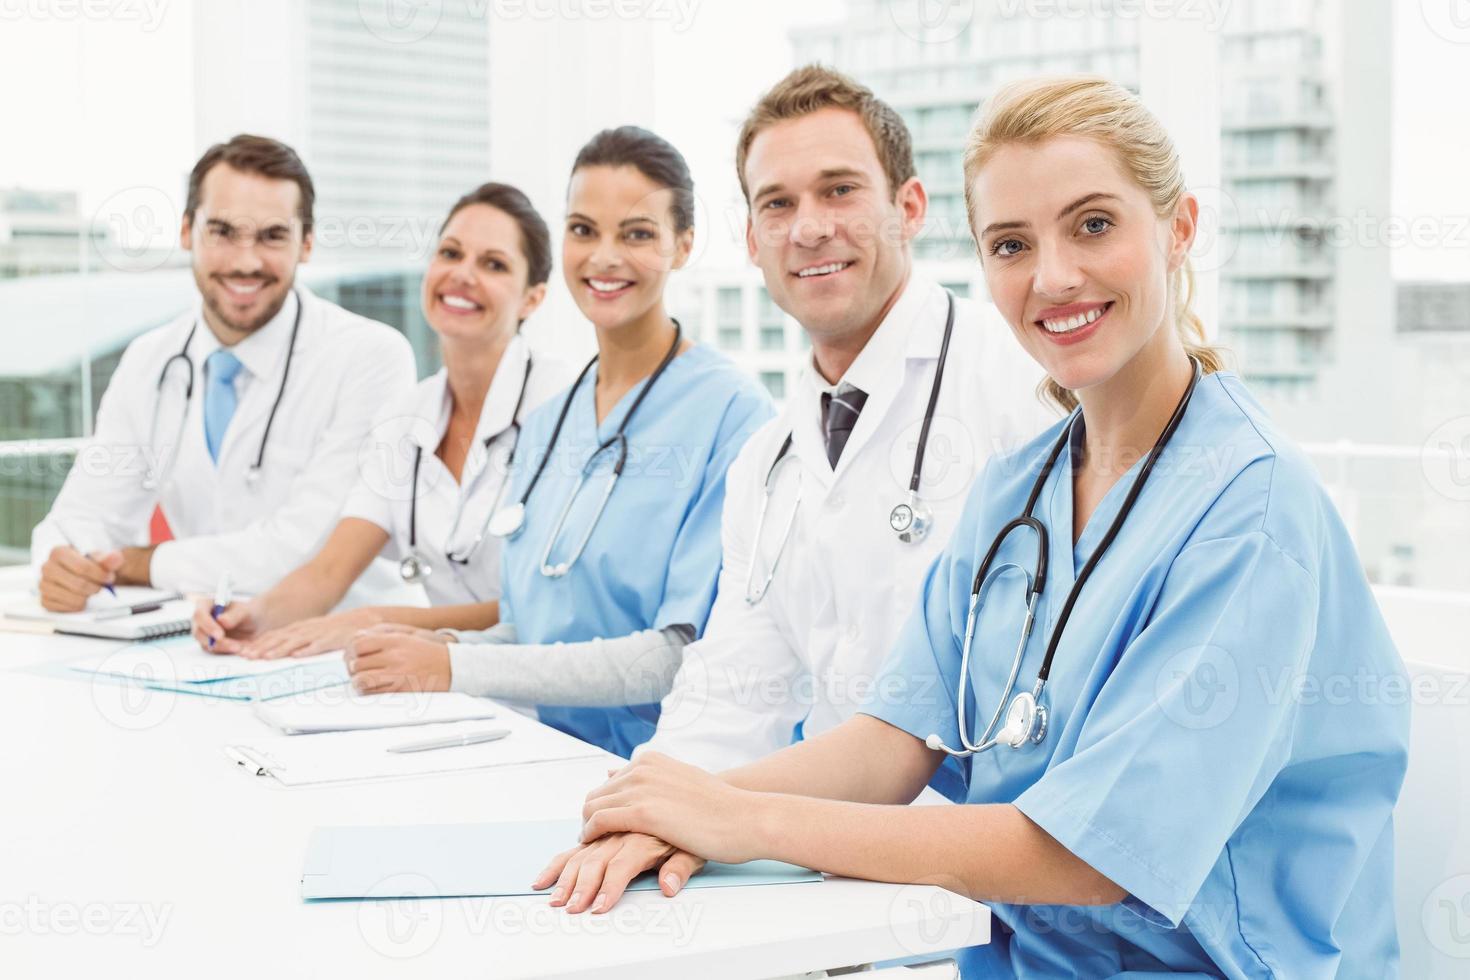 männliche und weibliche Ärzte sitzen in Reihe foto